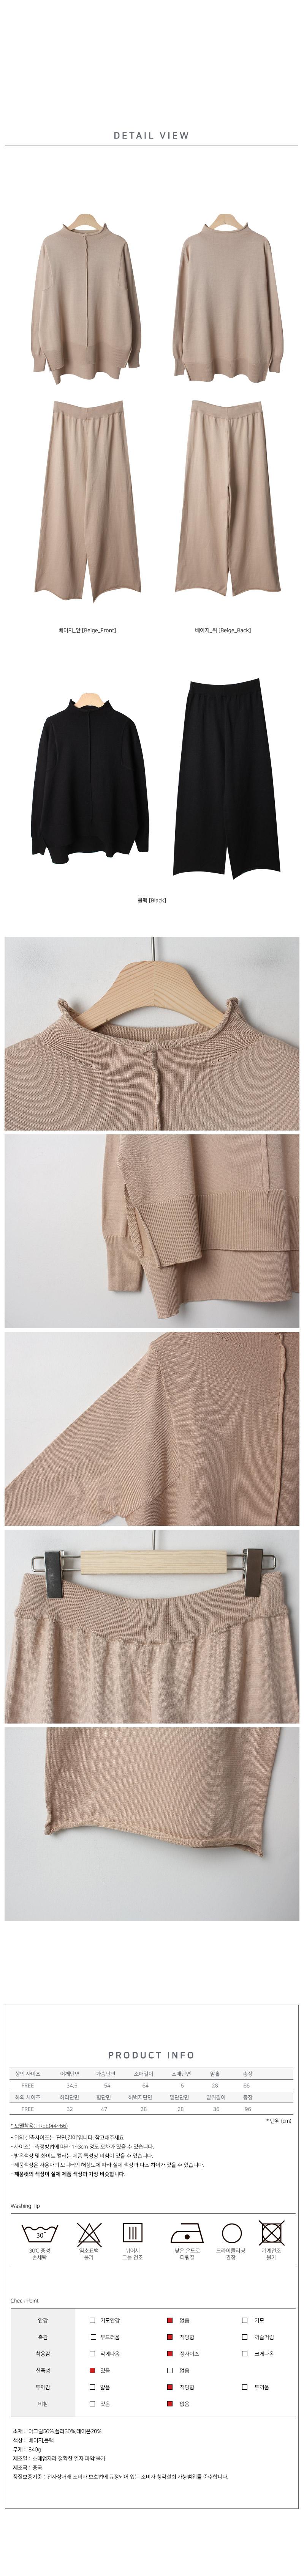 Morel Knit Pants Two-piece Set